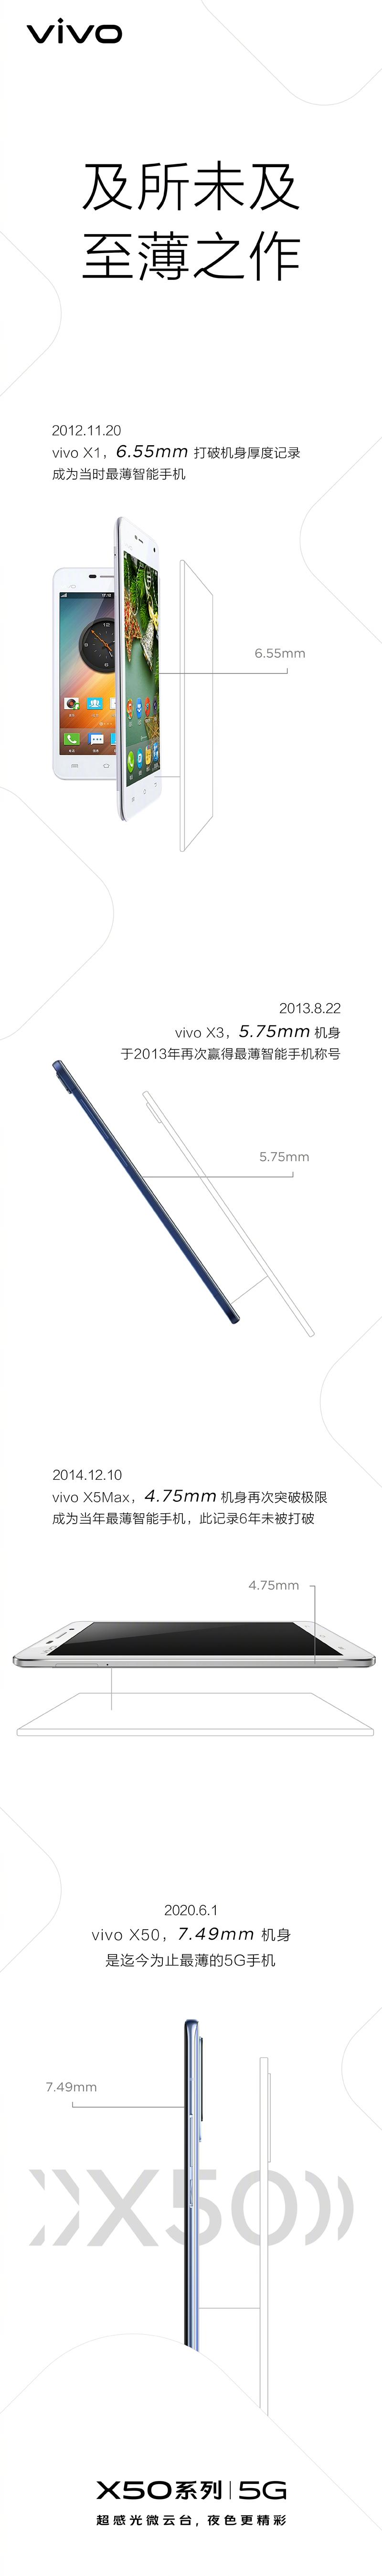 最薄5G手机官宣:仅7.49mm